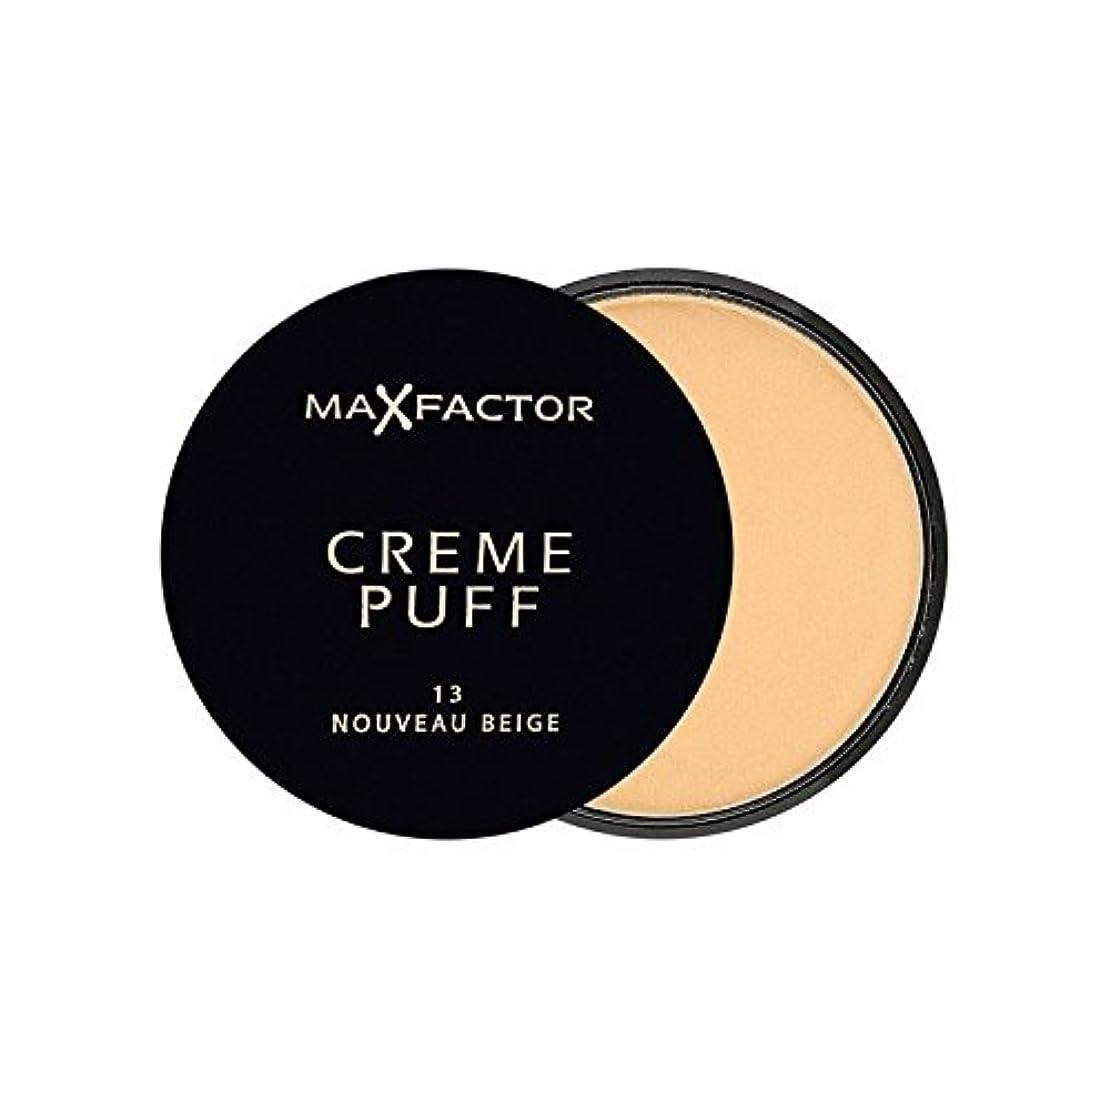 中央値石のはさみMax Factor Creme Puff Powder Compact Nouveau Beige 13 - マックスファクタークリームパフ粉末コンパクトヌーボーベージュ13 [並行輸入品]